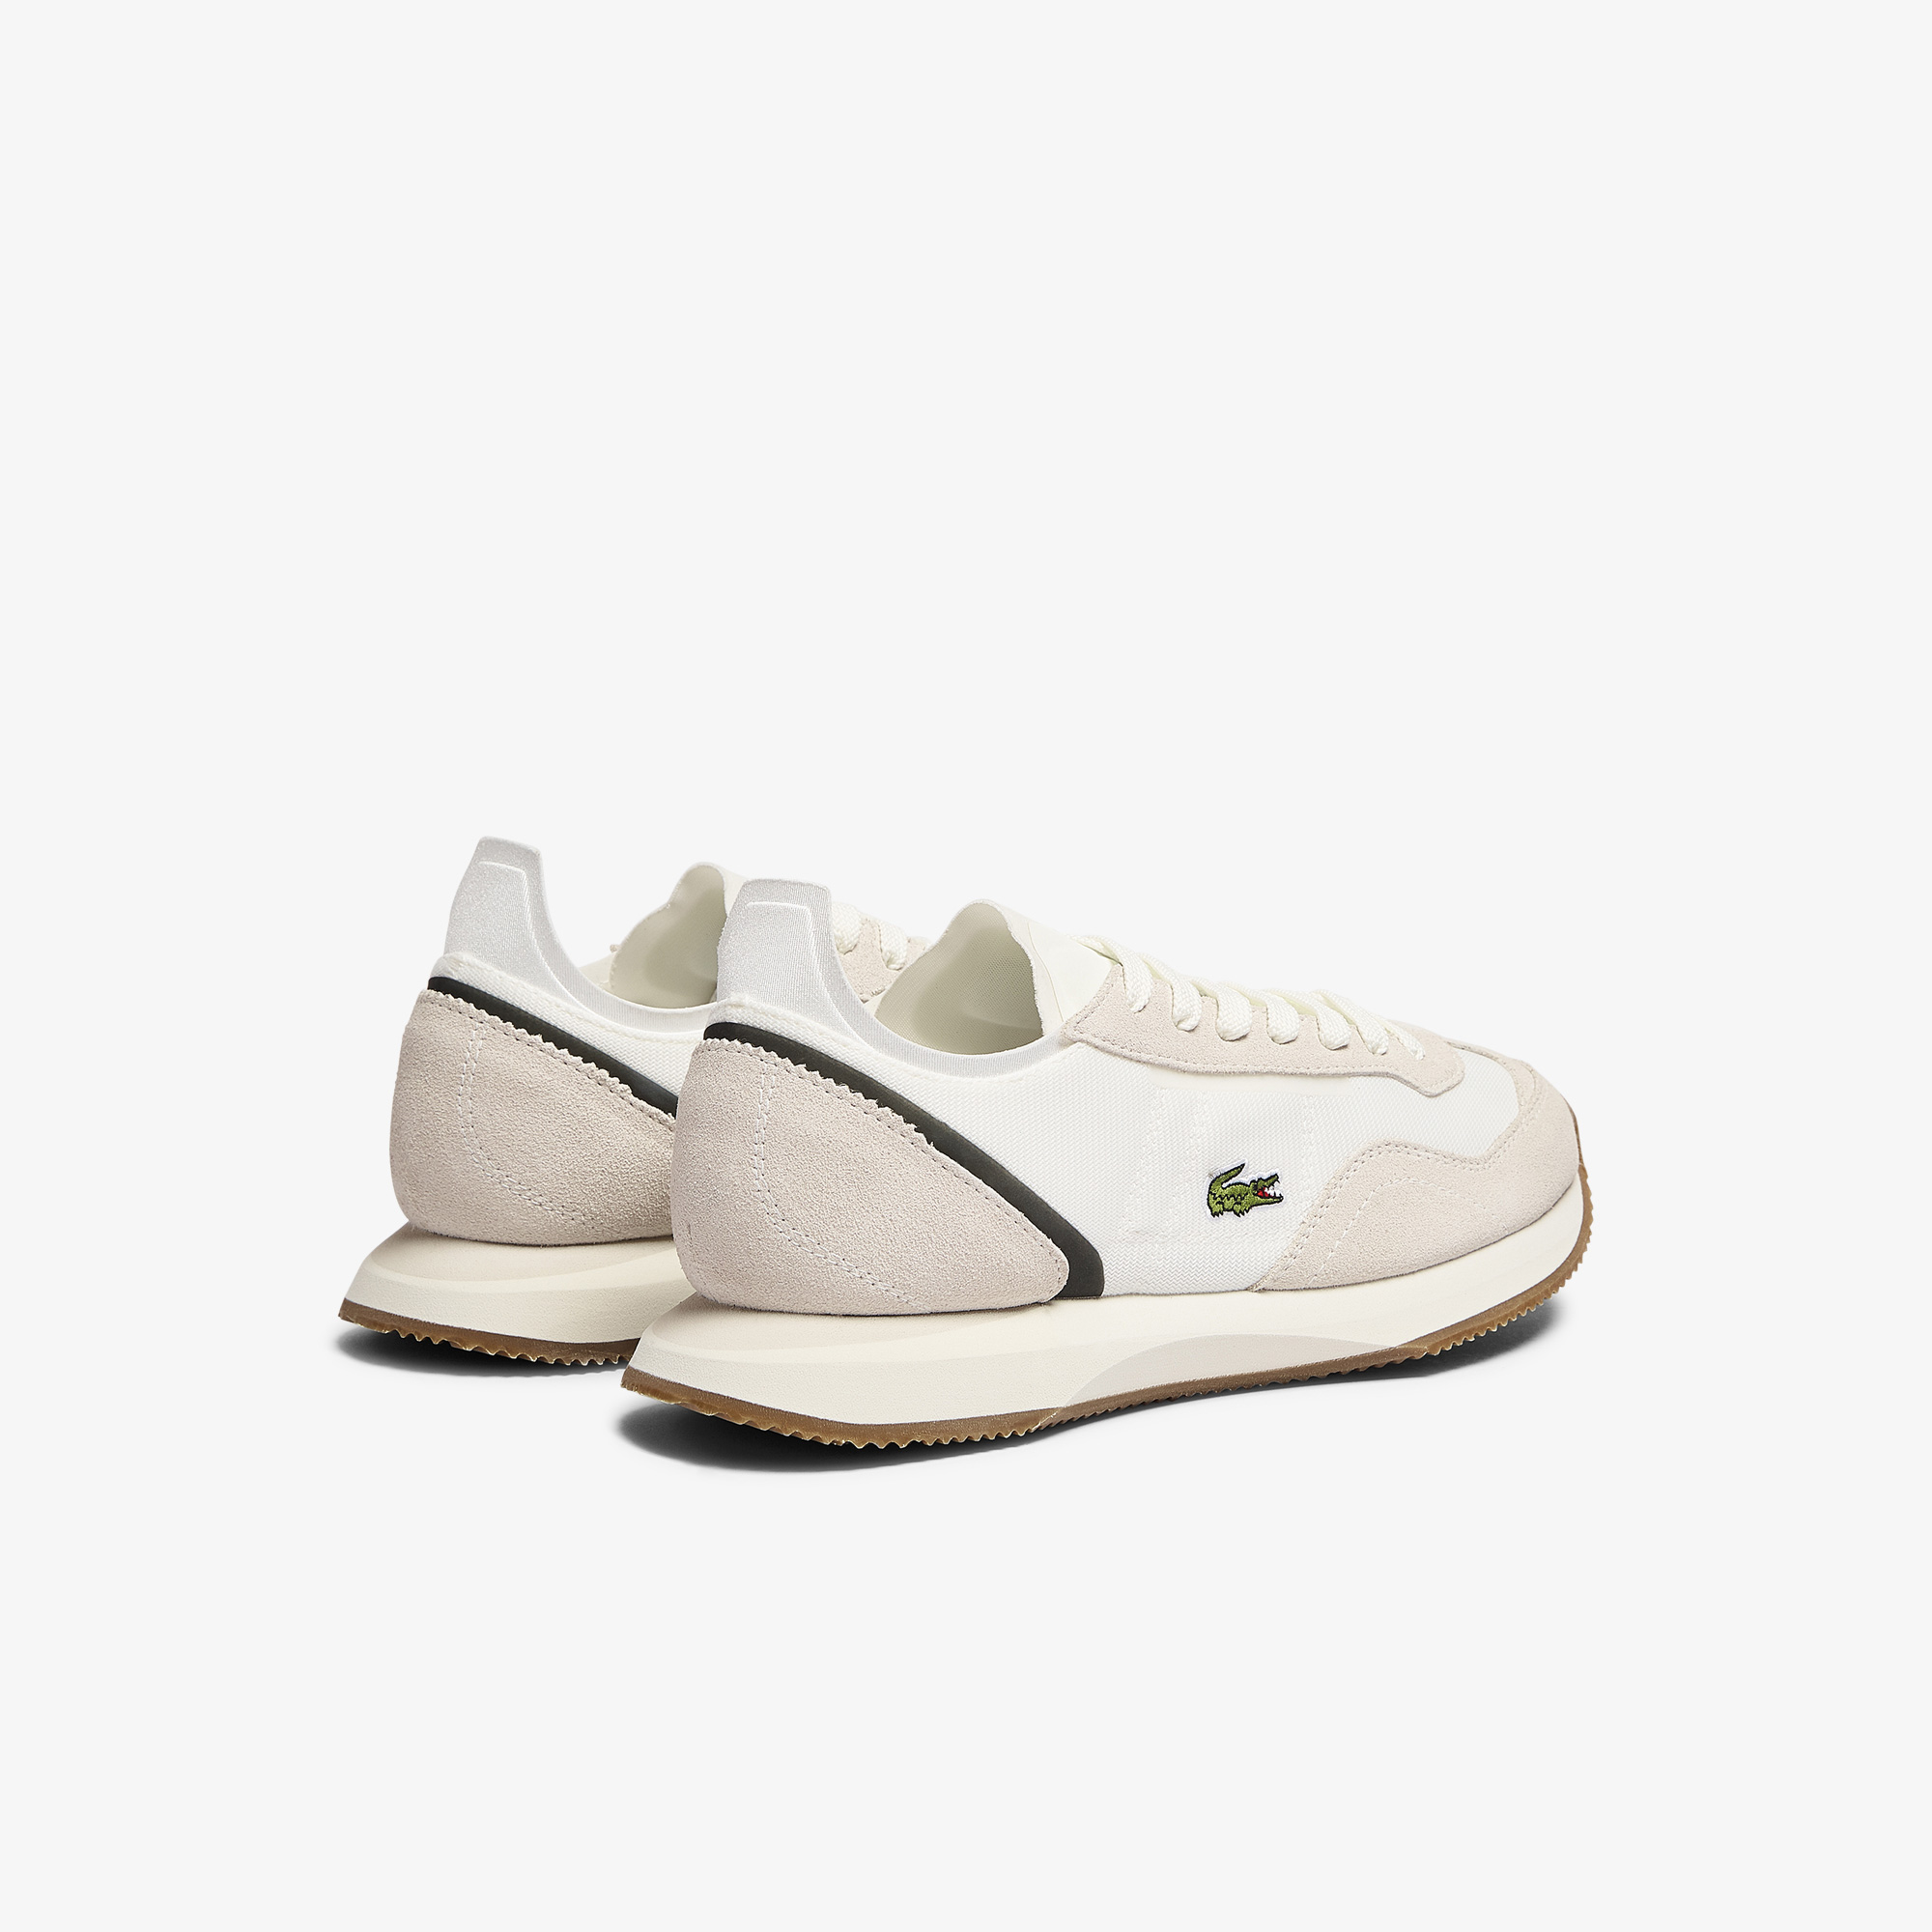 Lacoste кросівки жіночі Match Break